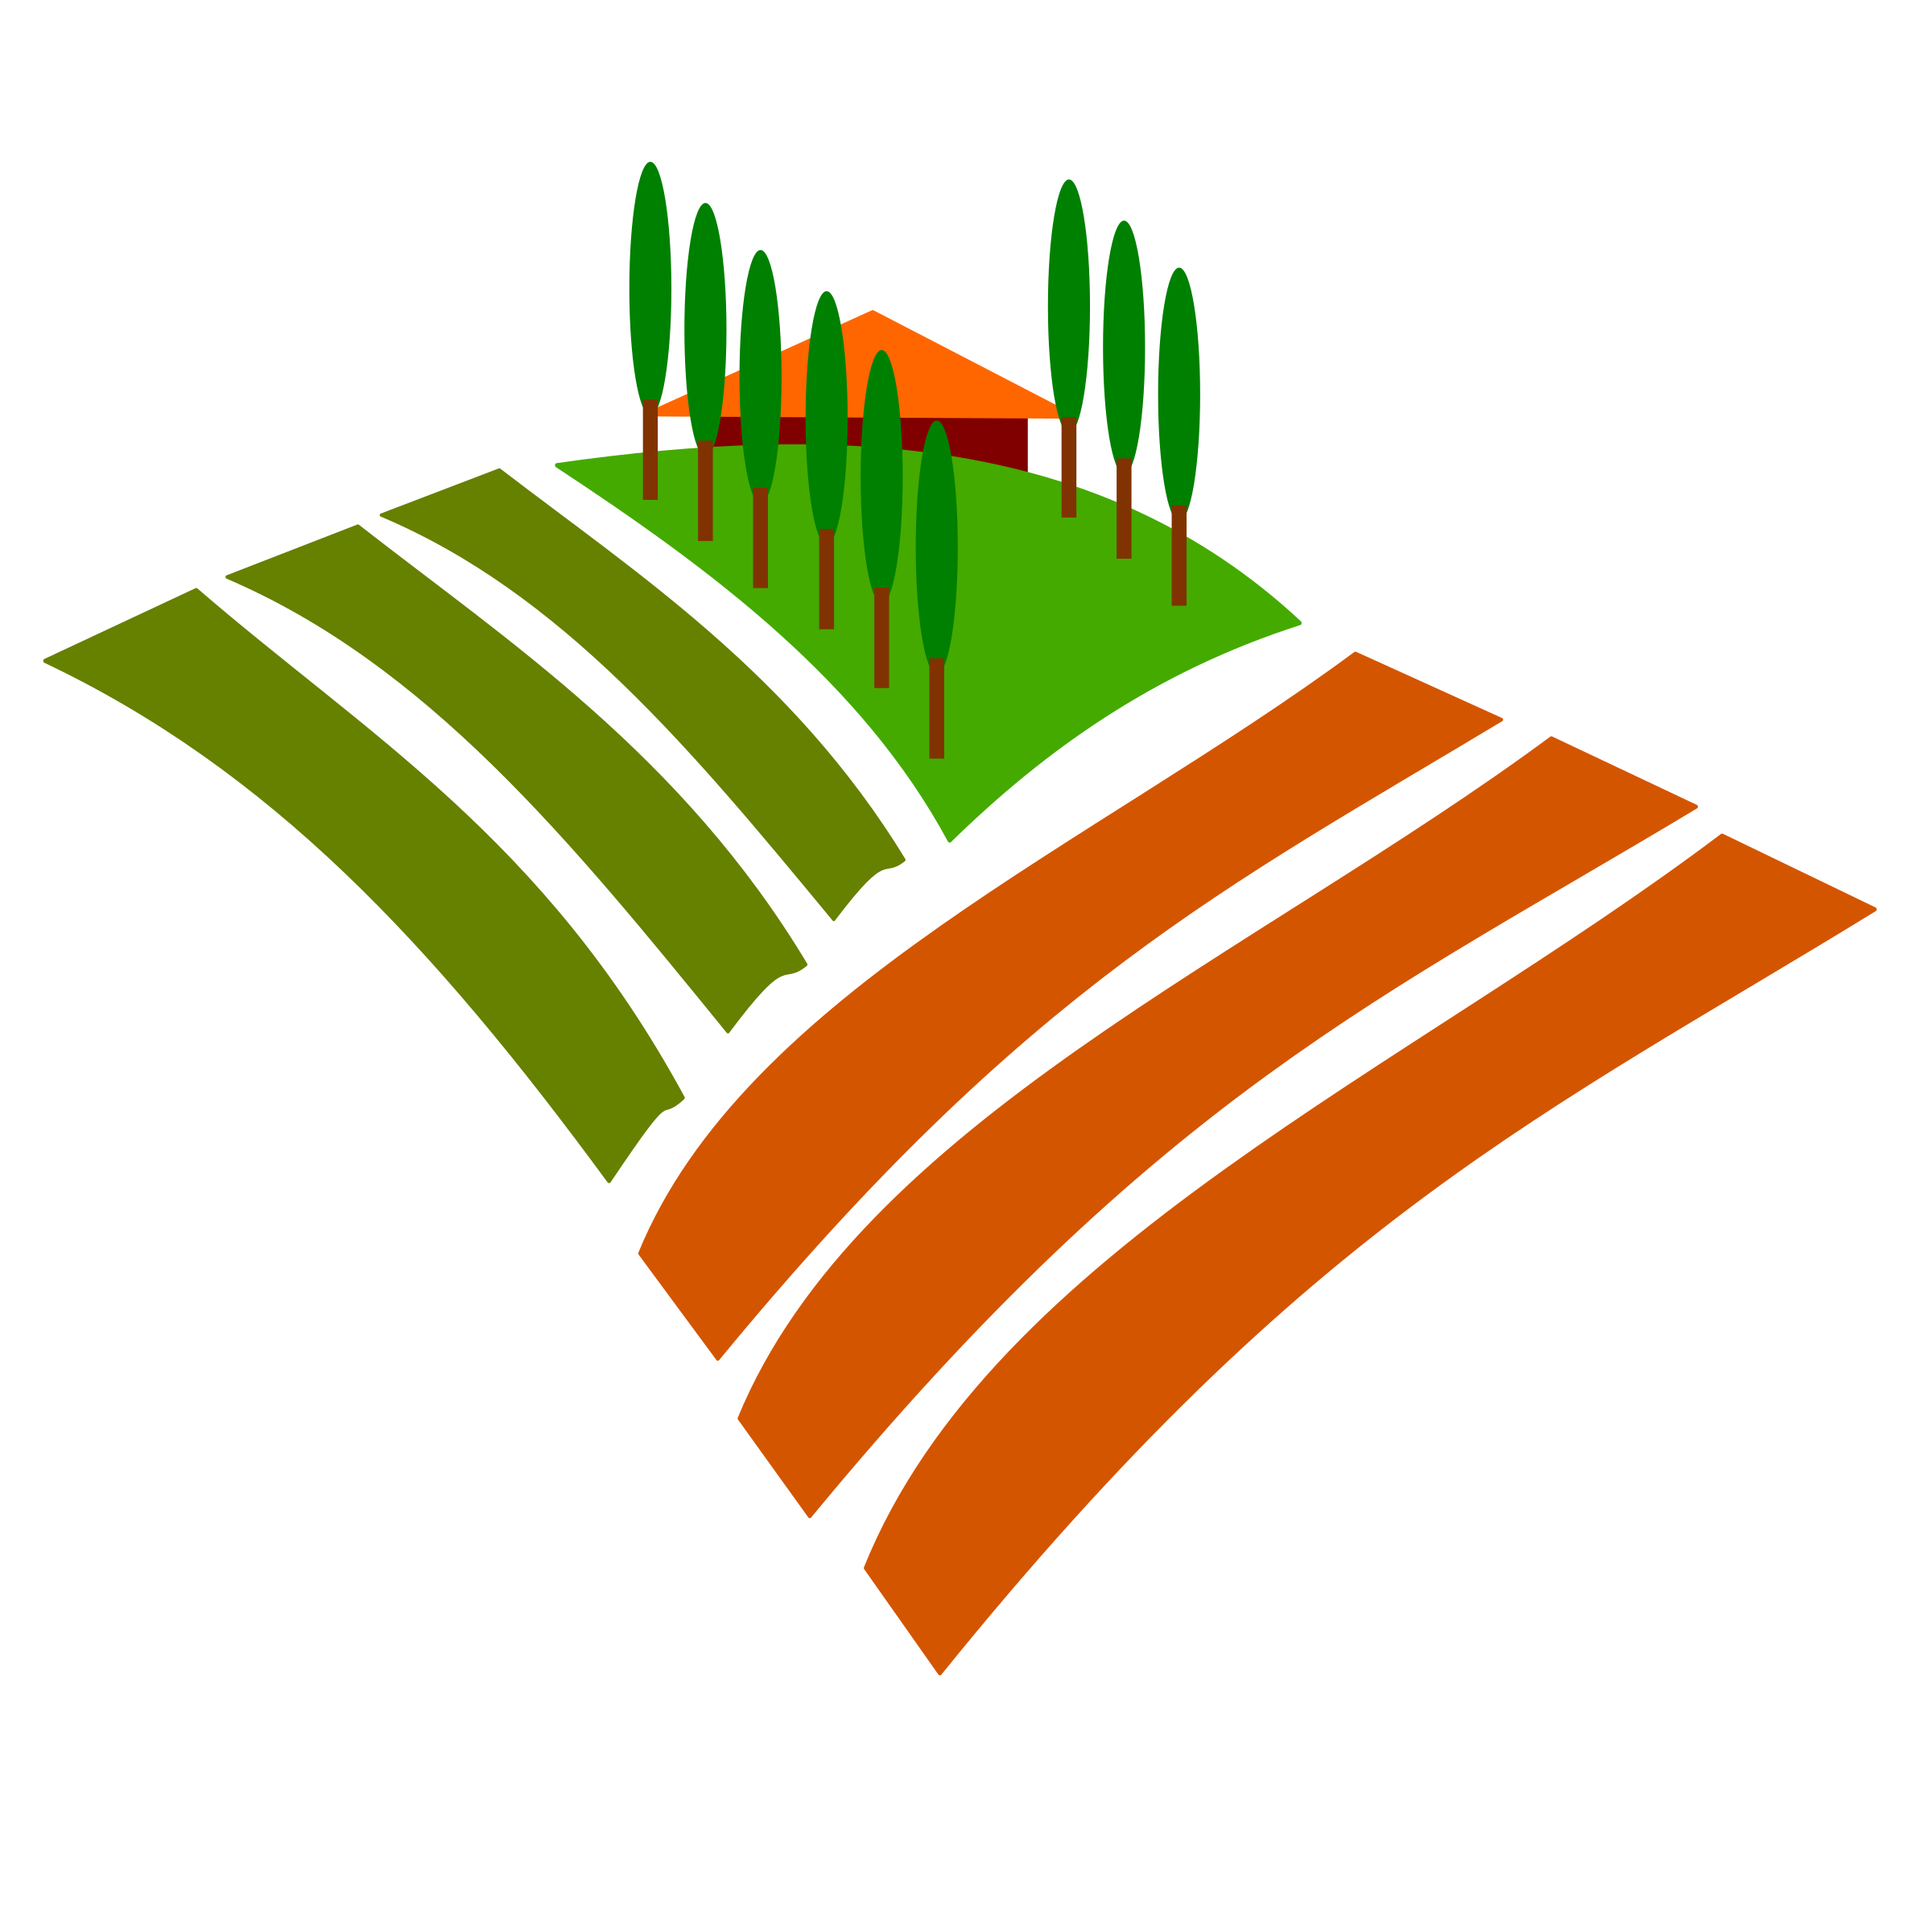 Farm clipart agricultural land. Clip art farmland png